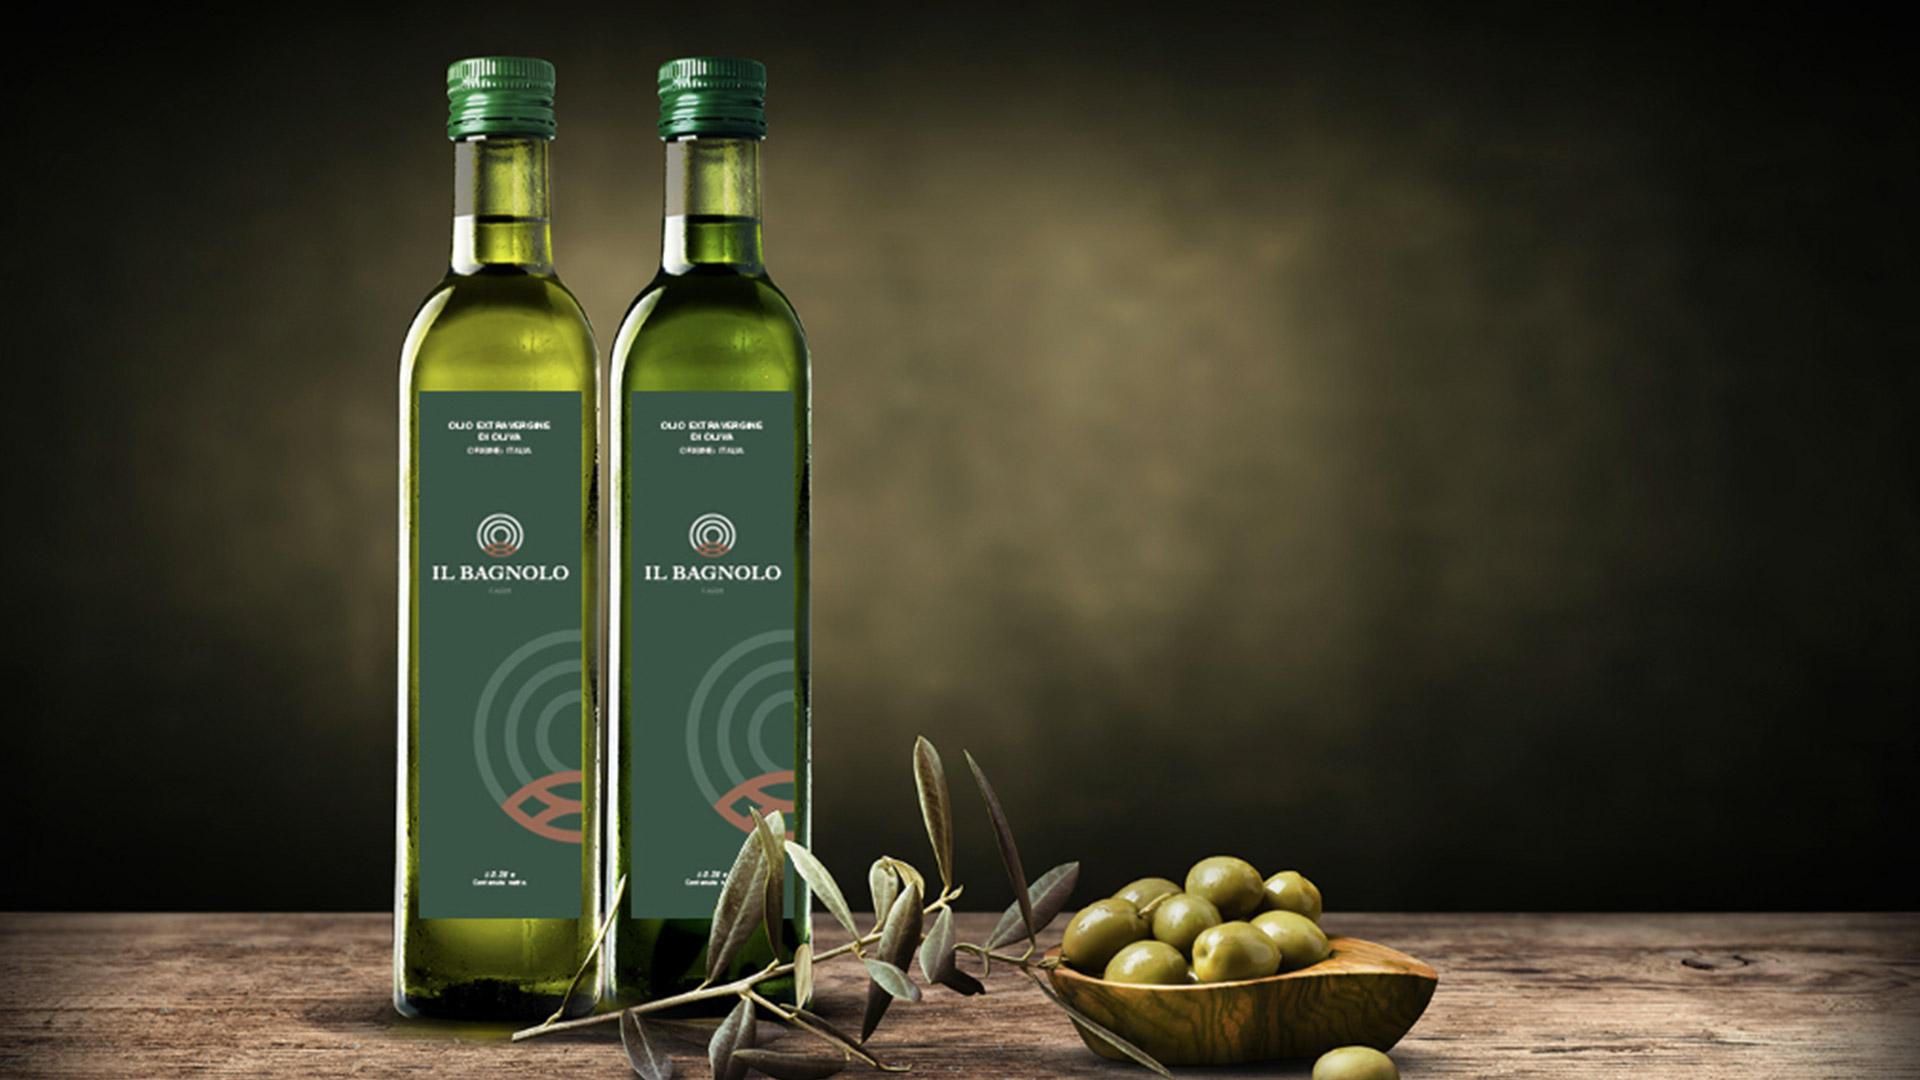 Etichette olio realizzate per Il Bagnolo Eco Lodge dall'agenzia di comunicazione Valenti04.